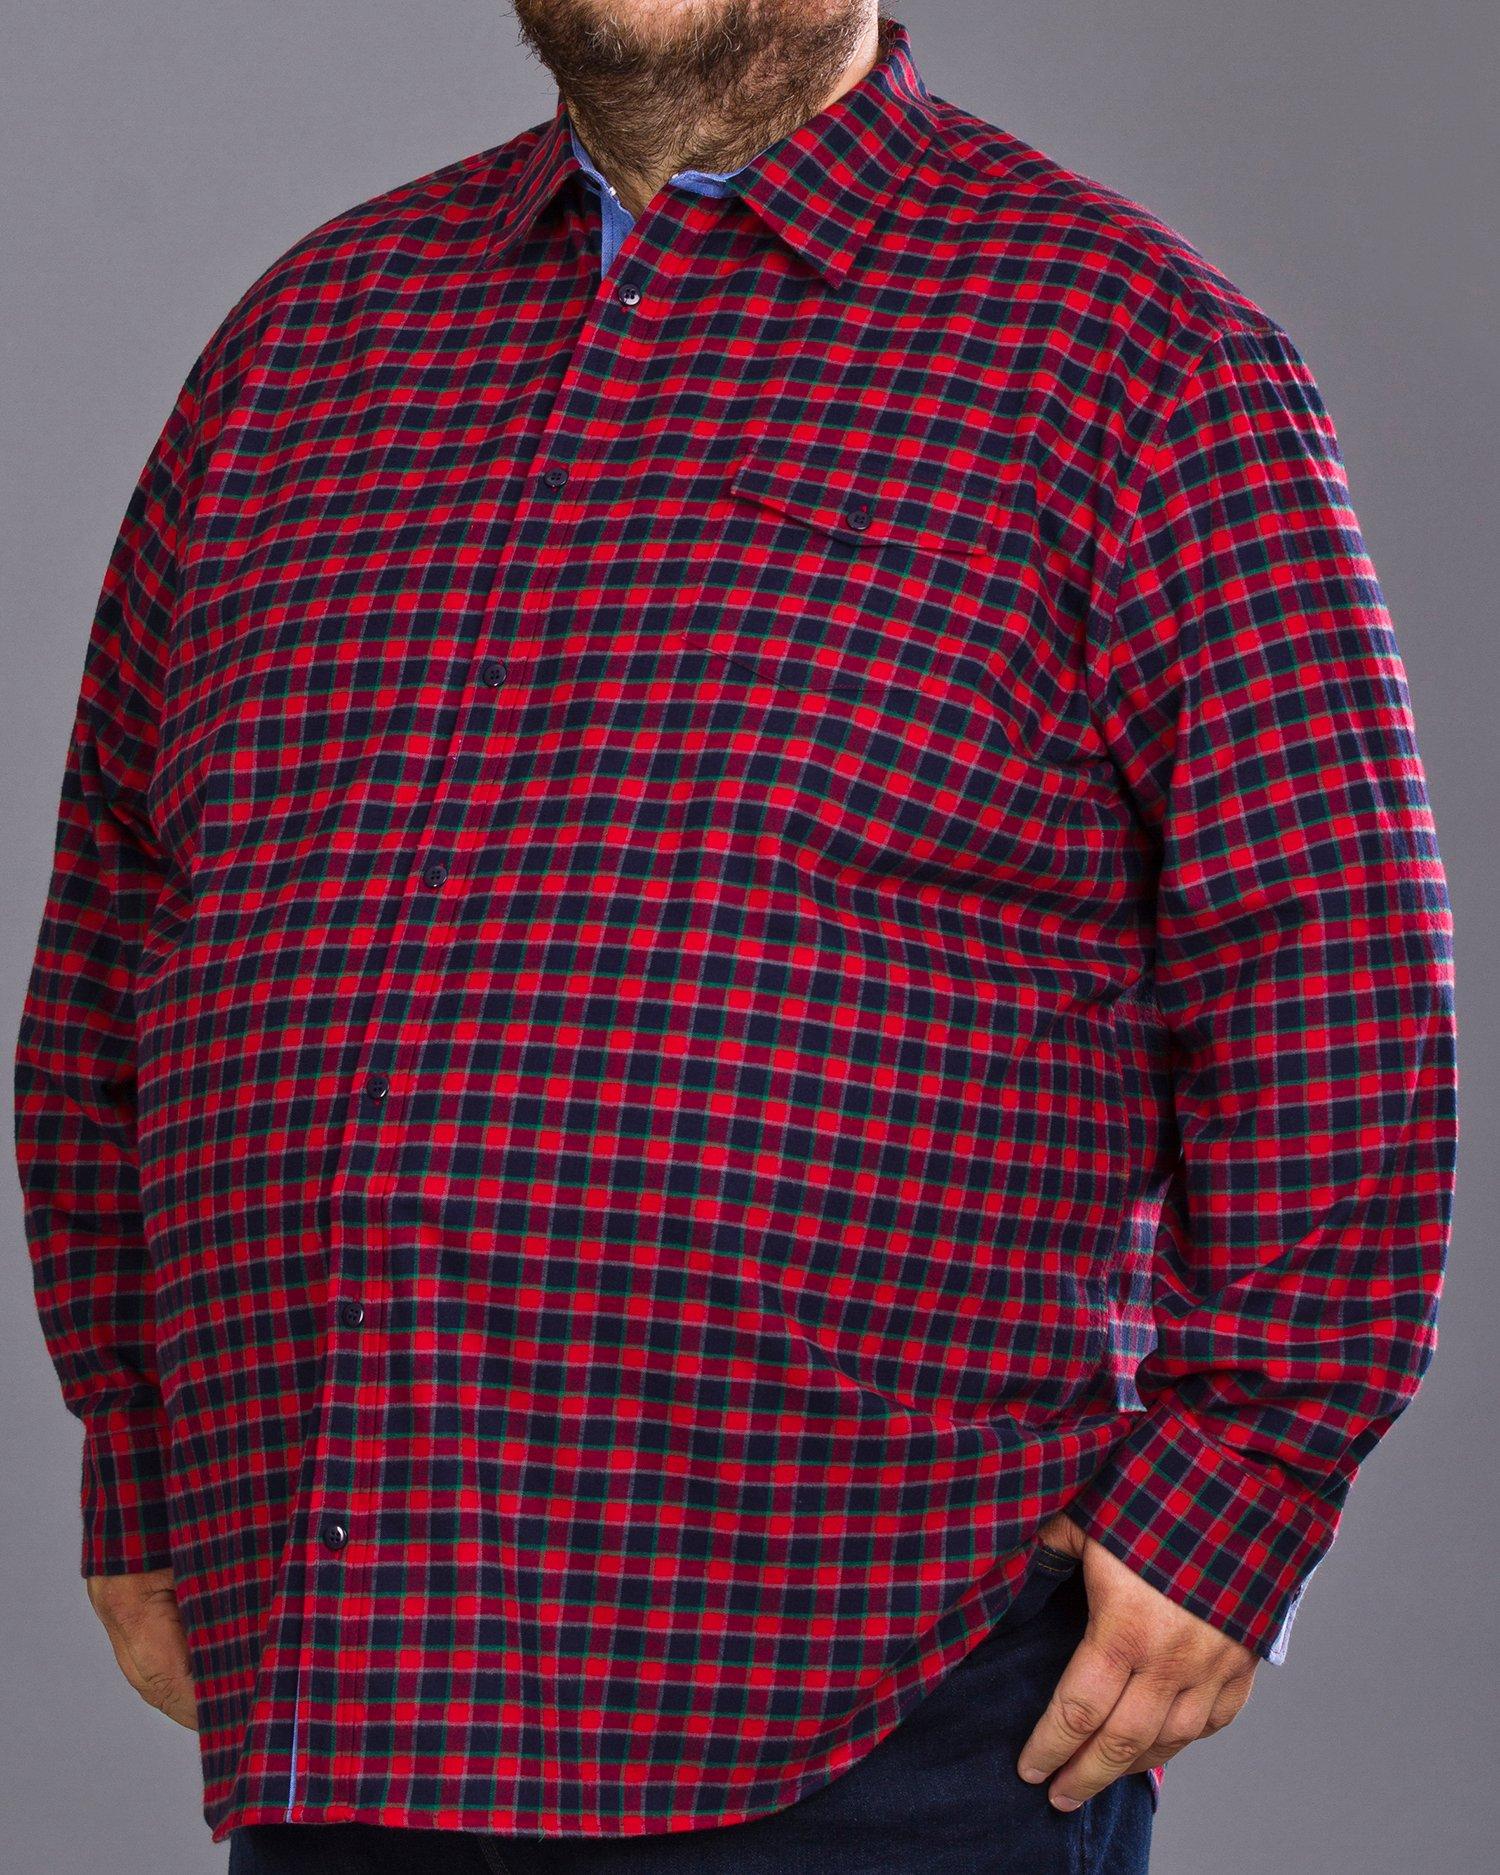 4fb0c63d54581e koszula flanelowa rozmiar xl w Oficjalnym Archiwum Allegro - Strona 95 - archiwum  ofert